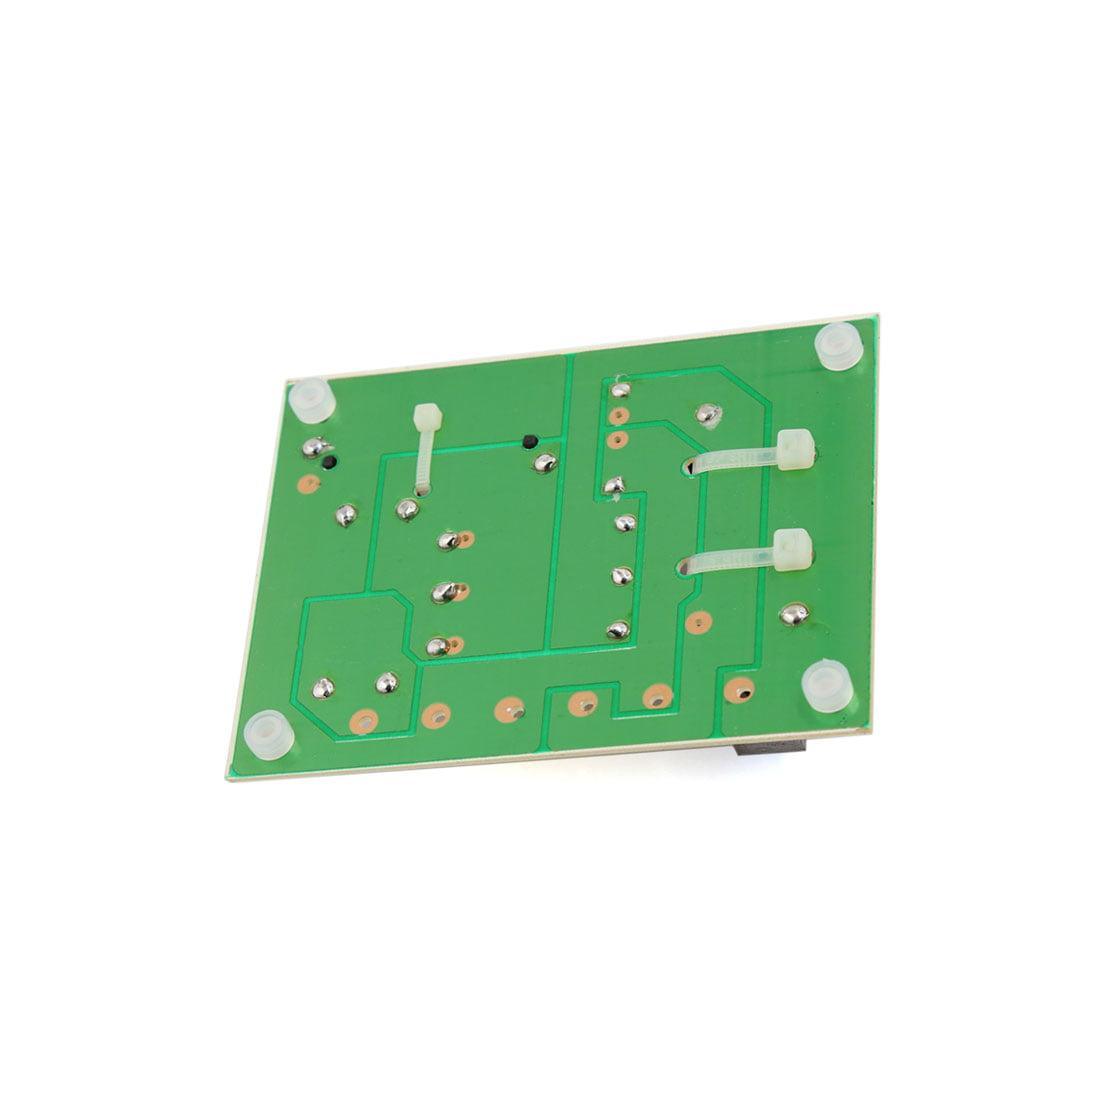 2 façons Haut-parleur Système Audio HiFi Filtres répartiteurs Diviseur de fréquence 180W 2 Pcs - image 1 de 2